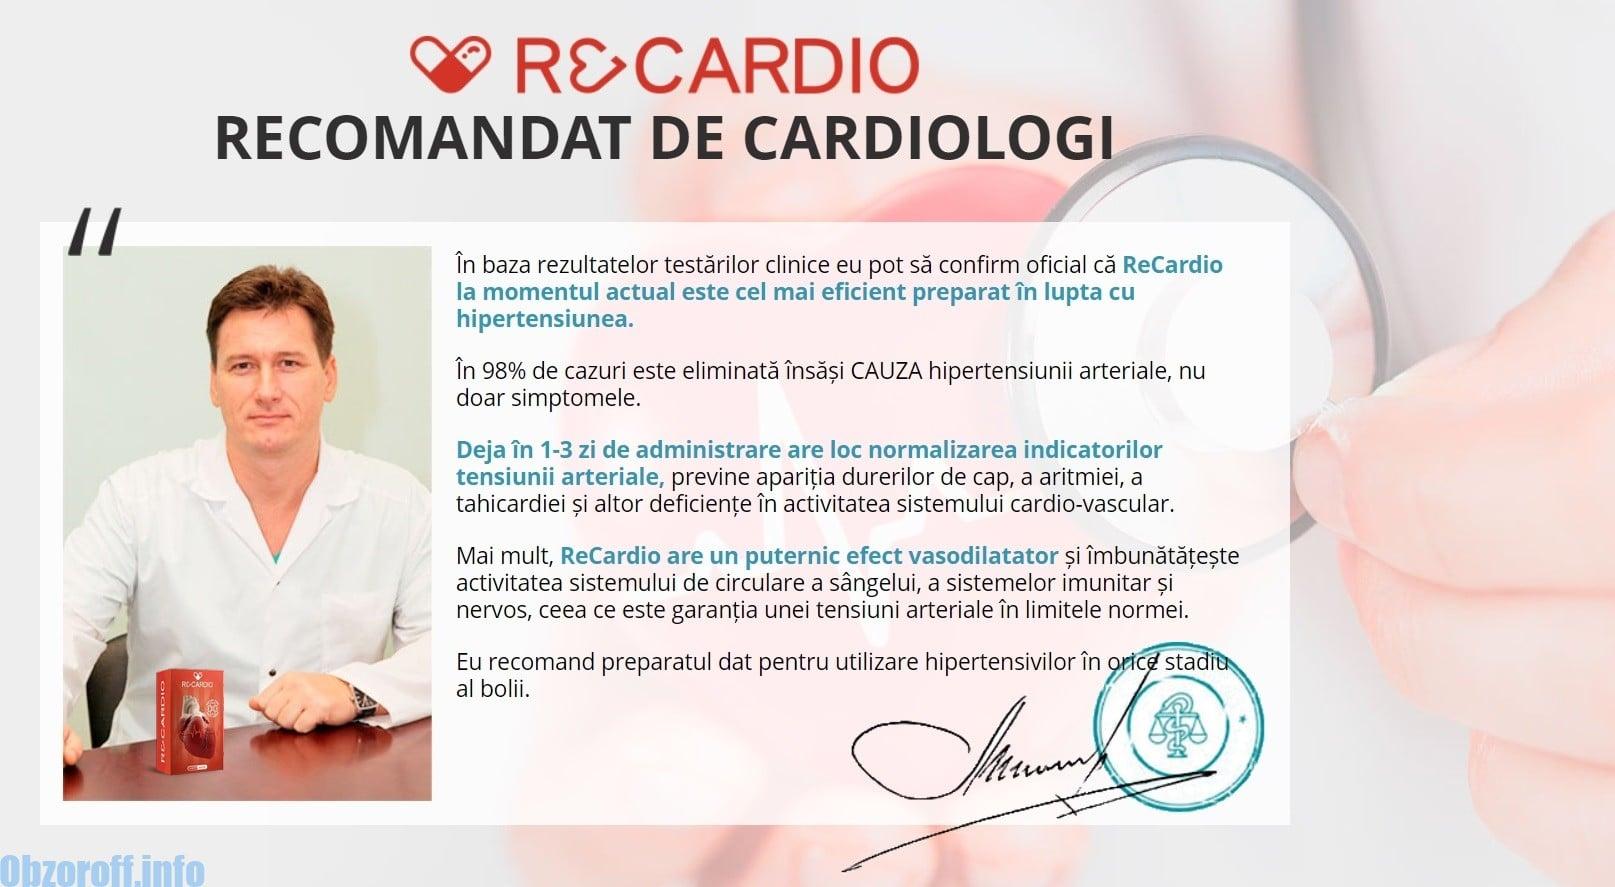 Feedback de la un medic cardiolog despre Recardio